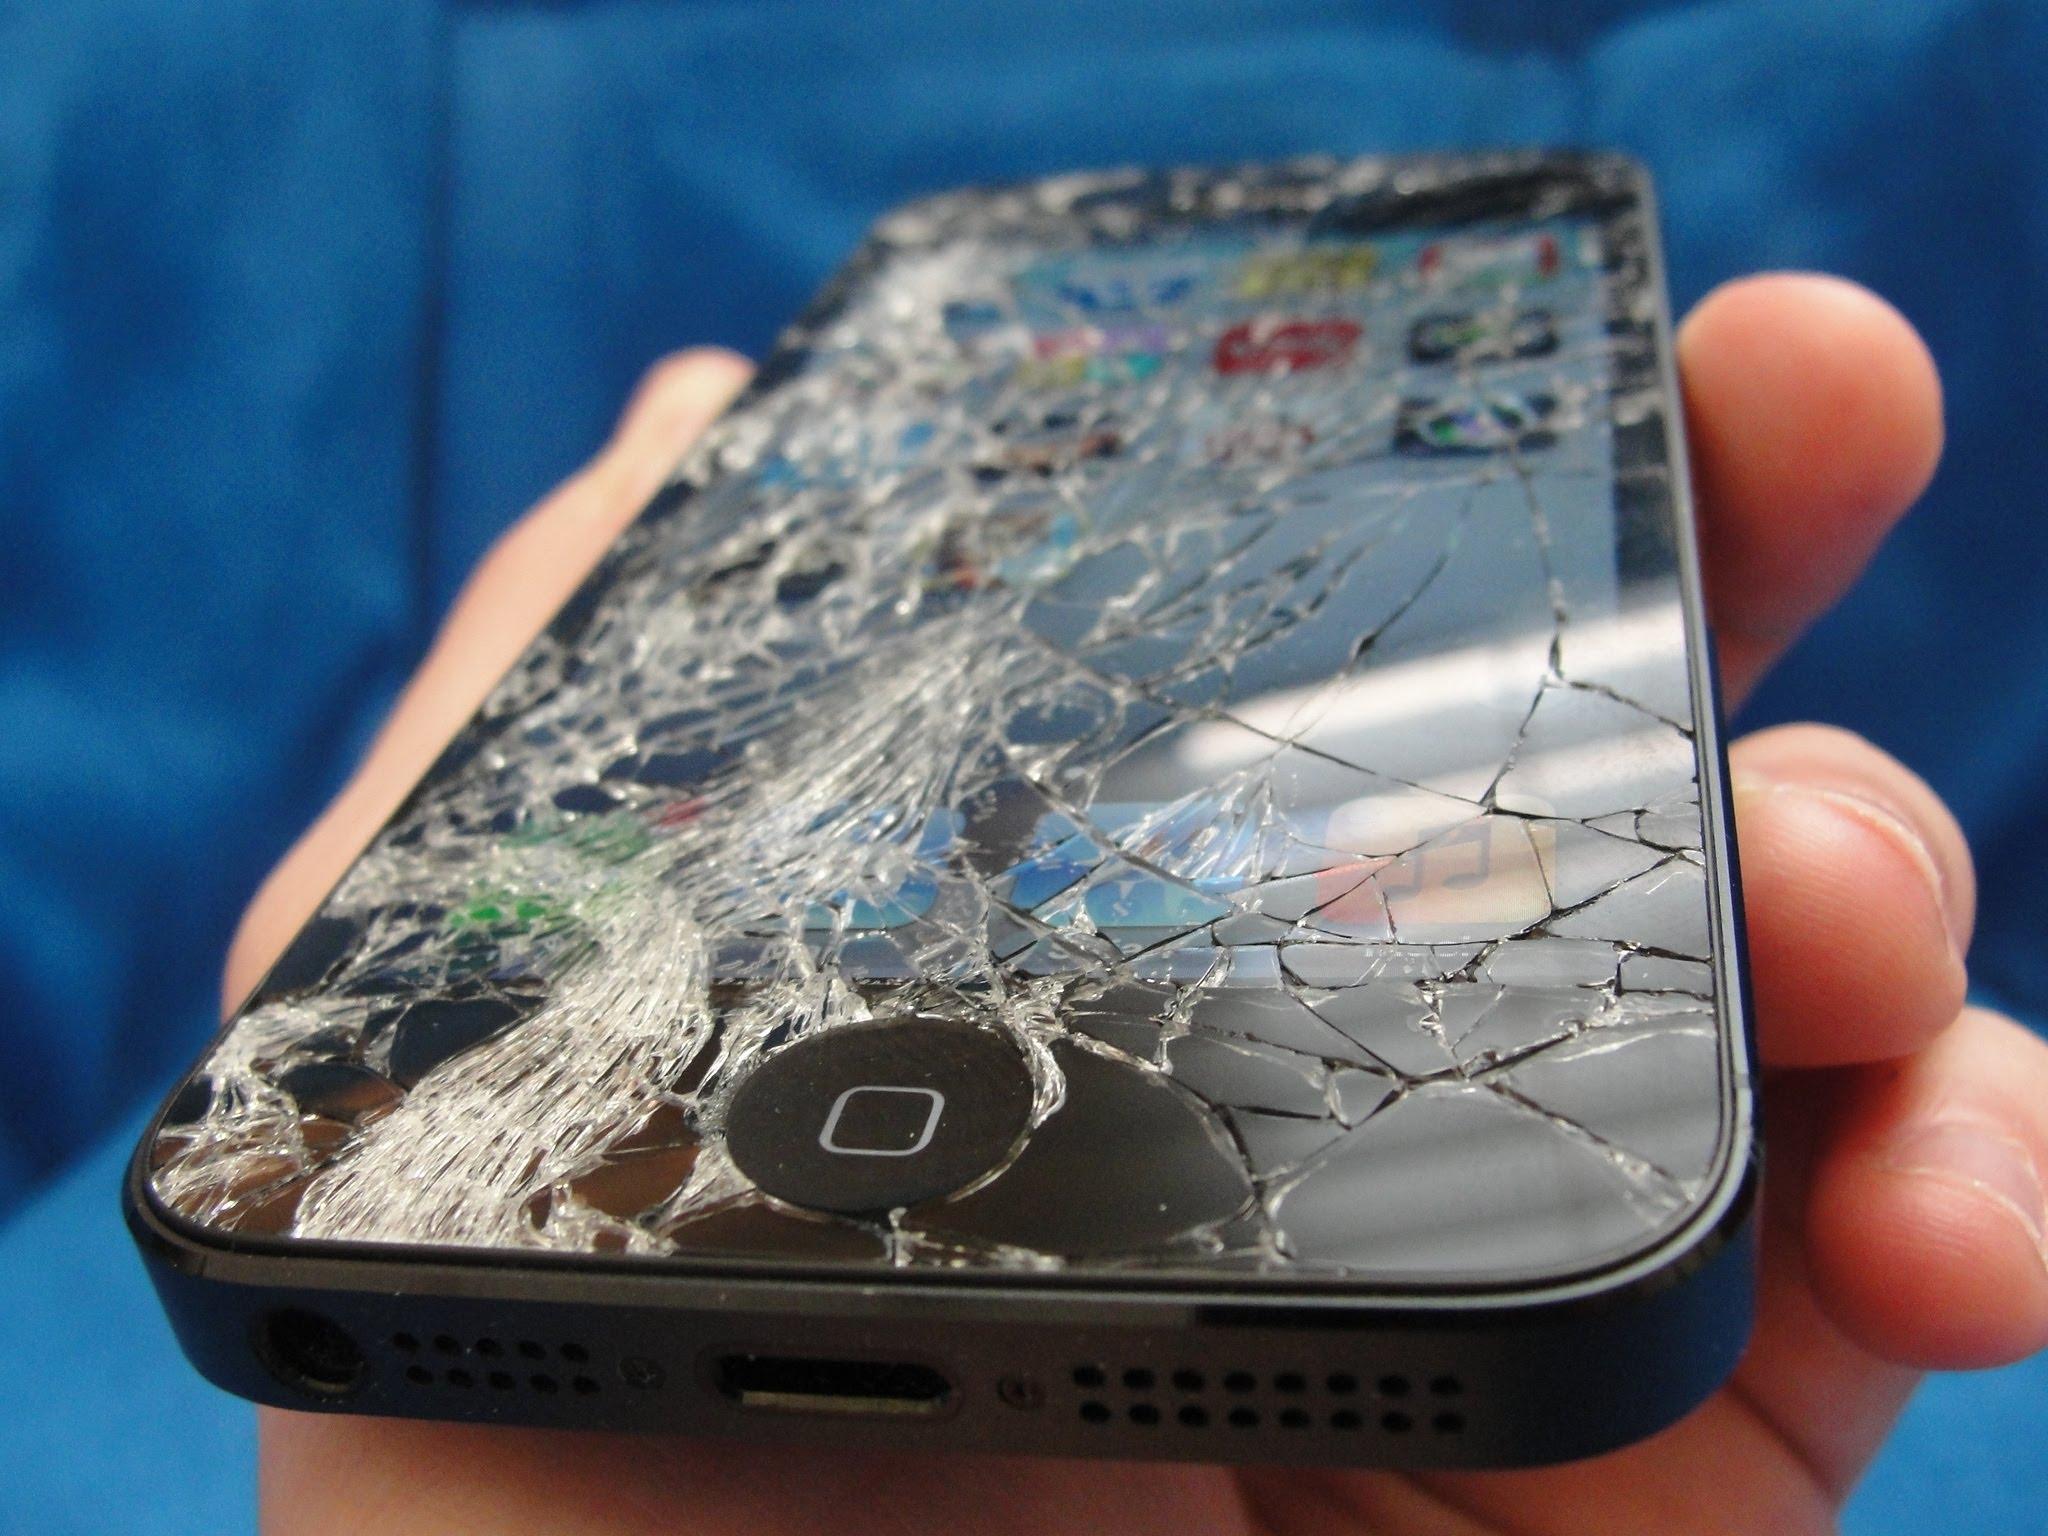 sostituzione-display-smartphone-sassar